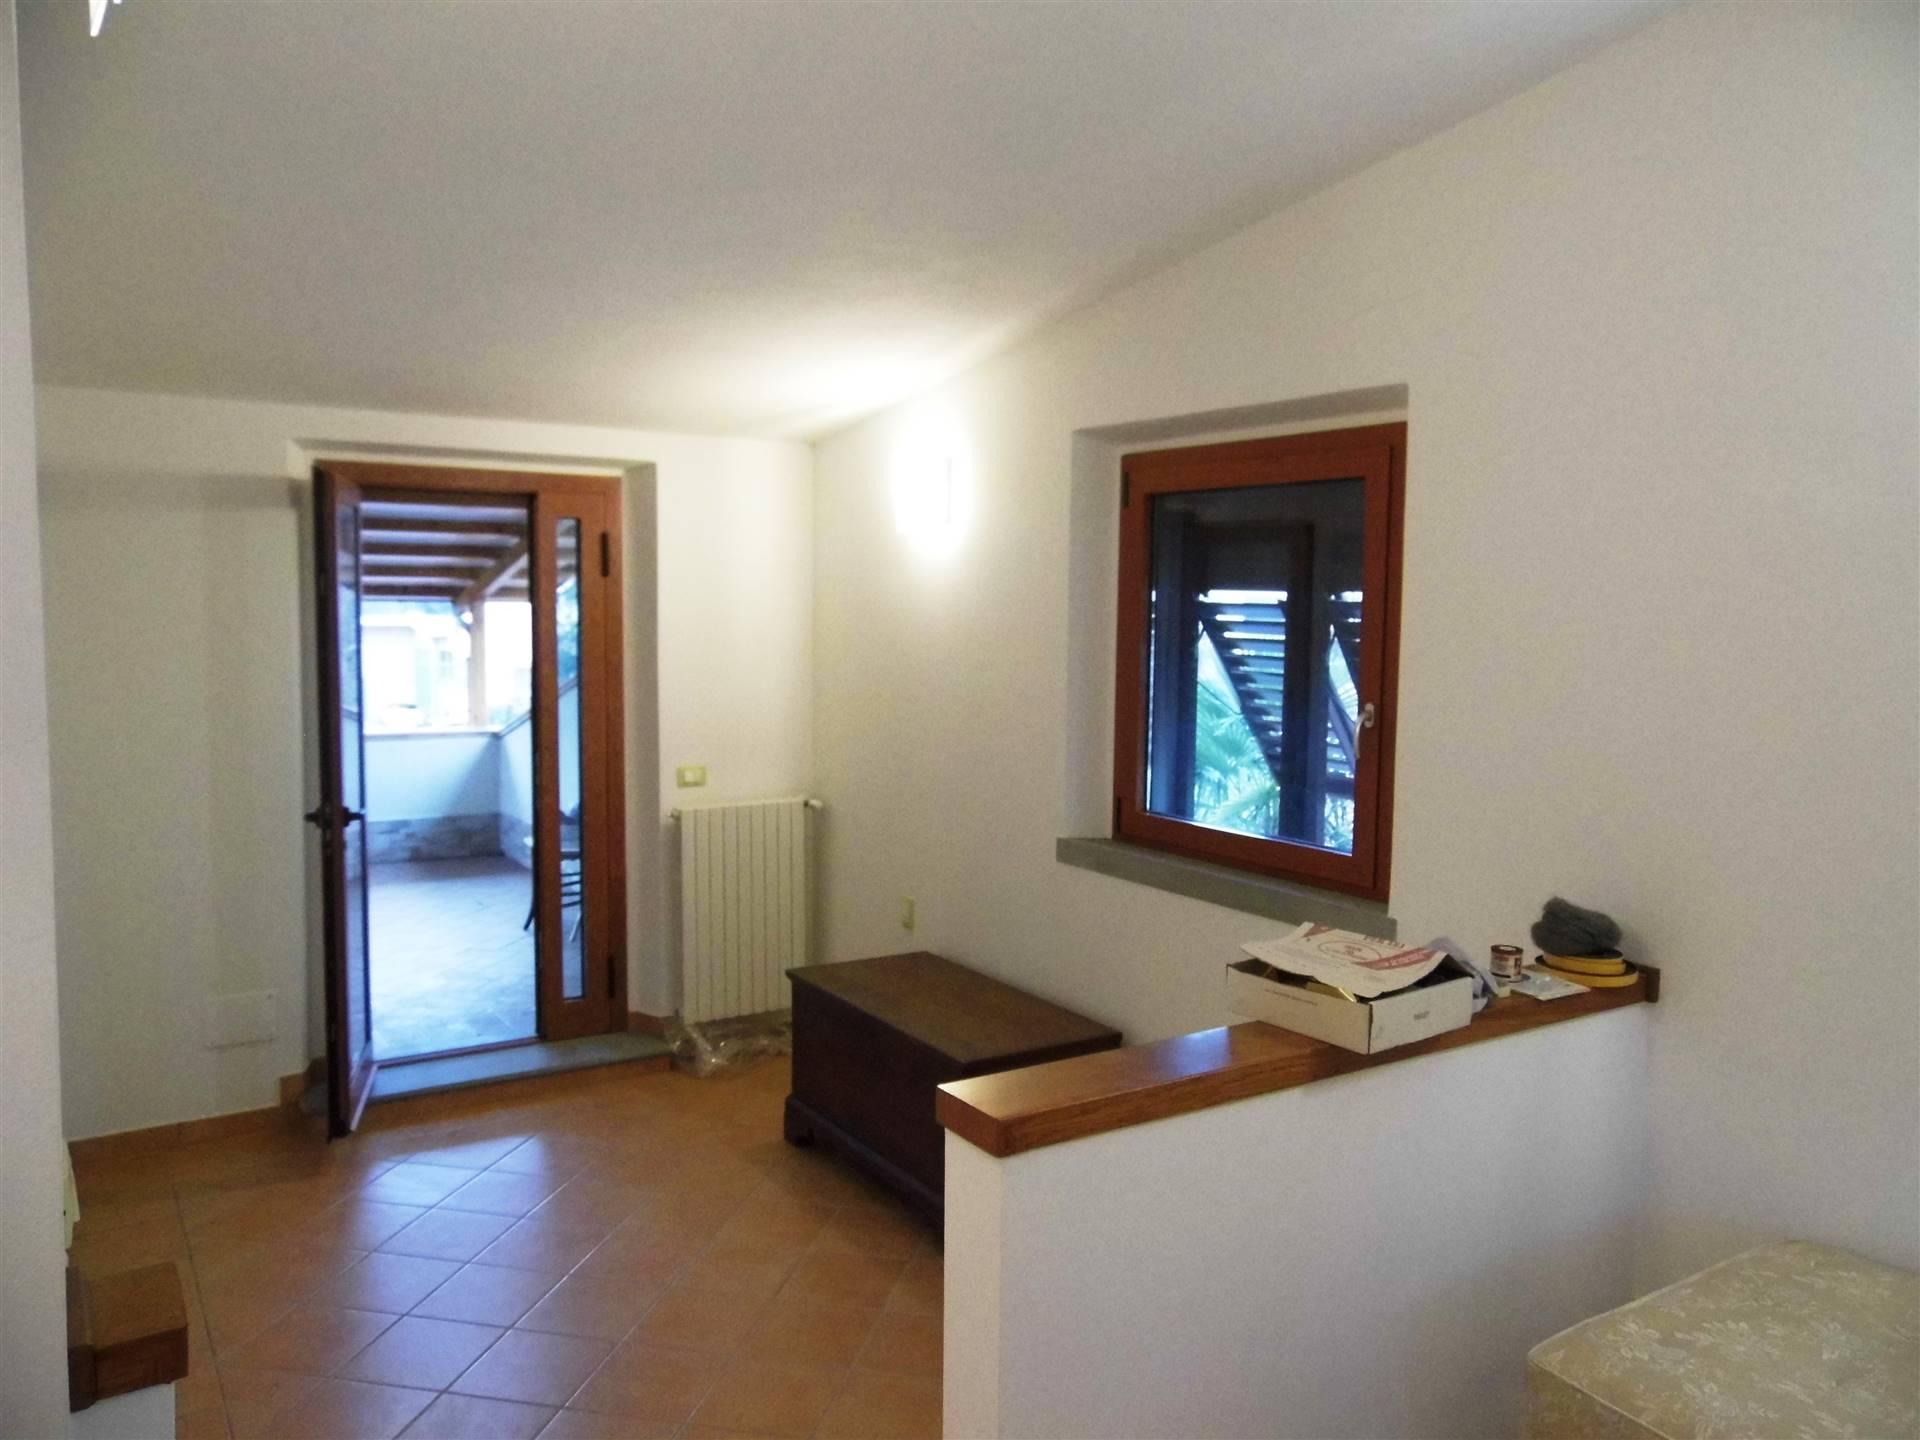 camera con porta finestra